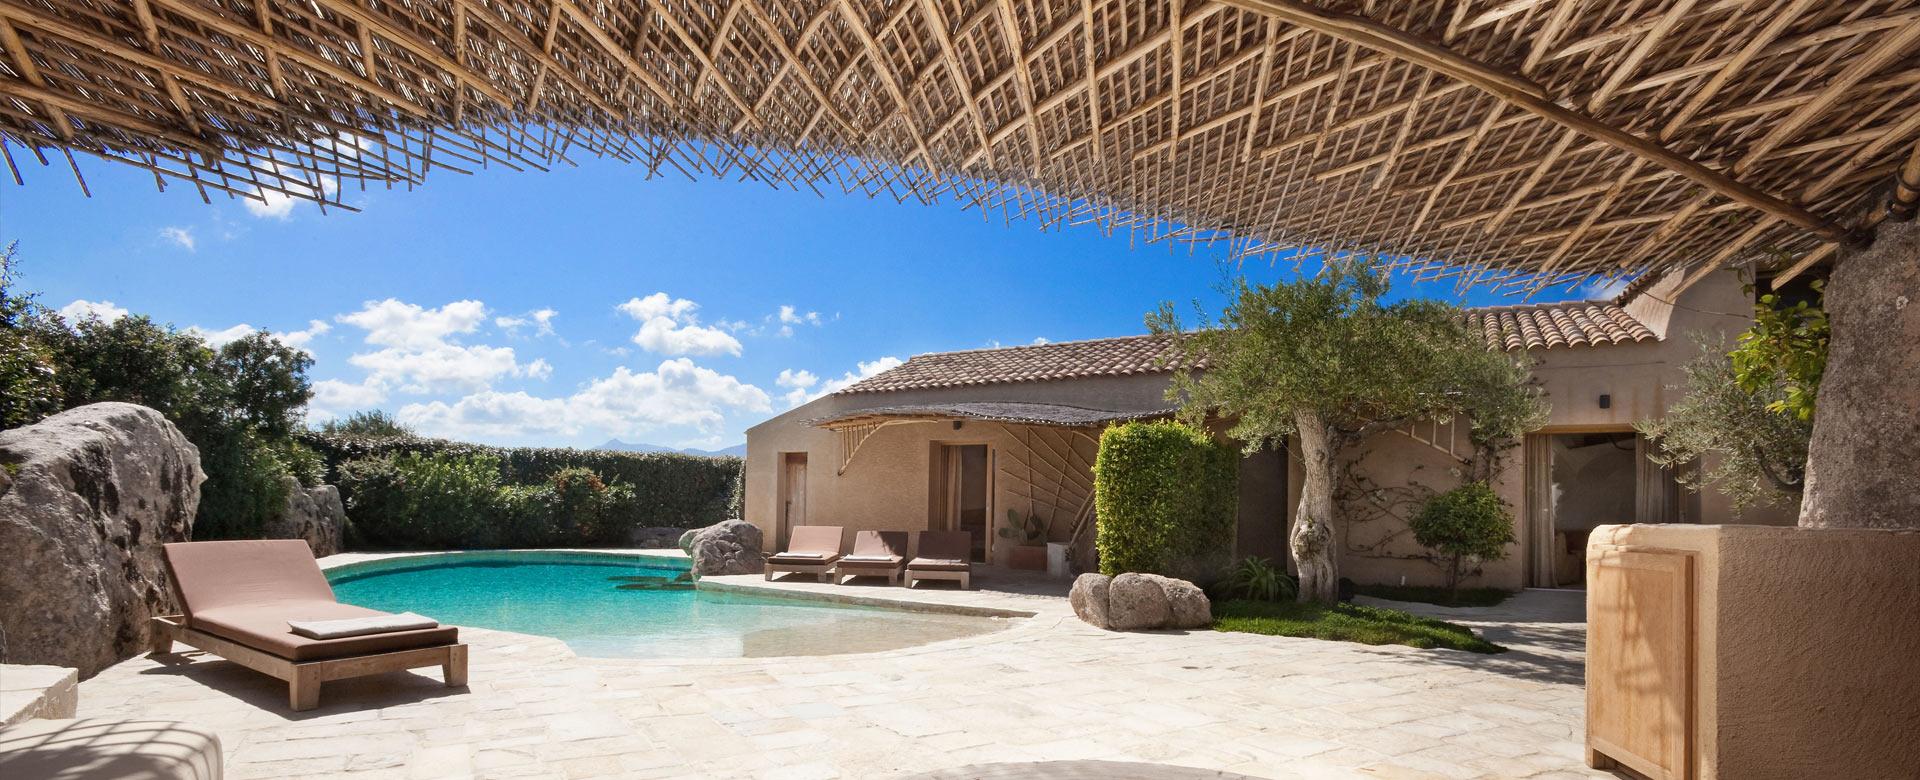 Location de villa de luxe en sardaigne for Des belles villas